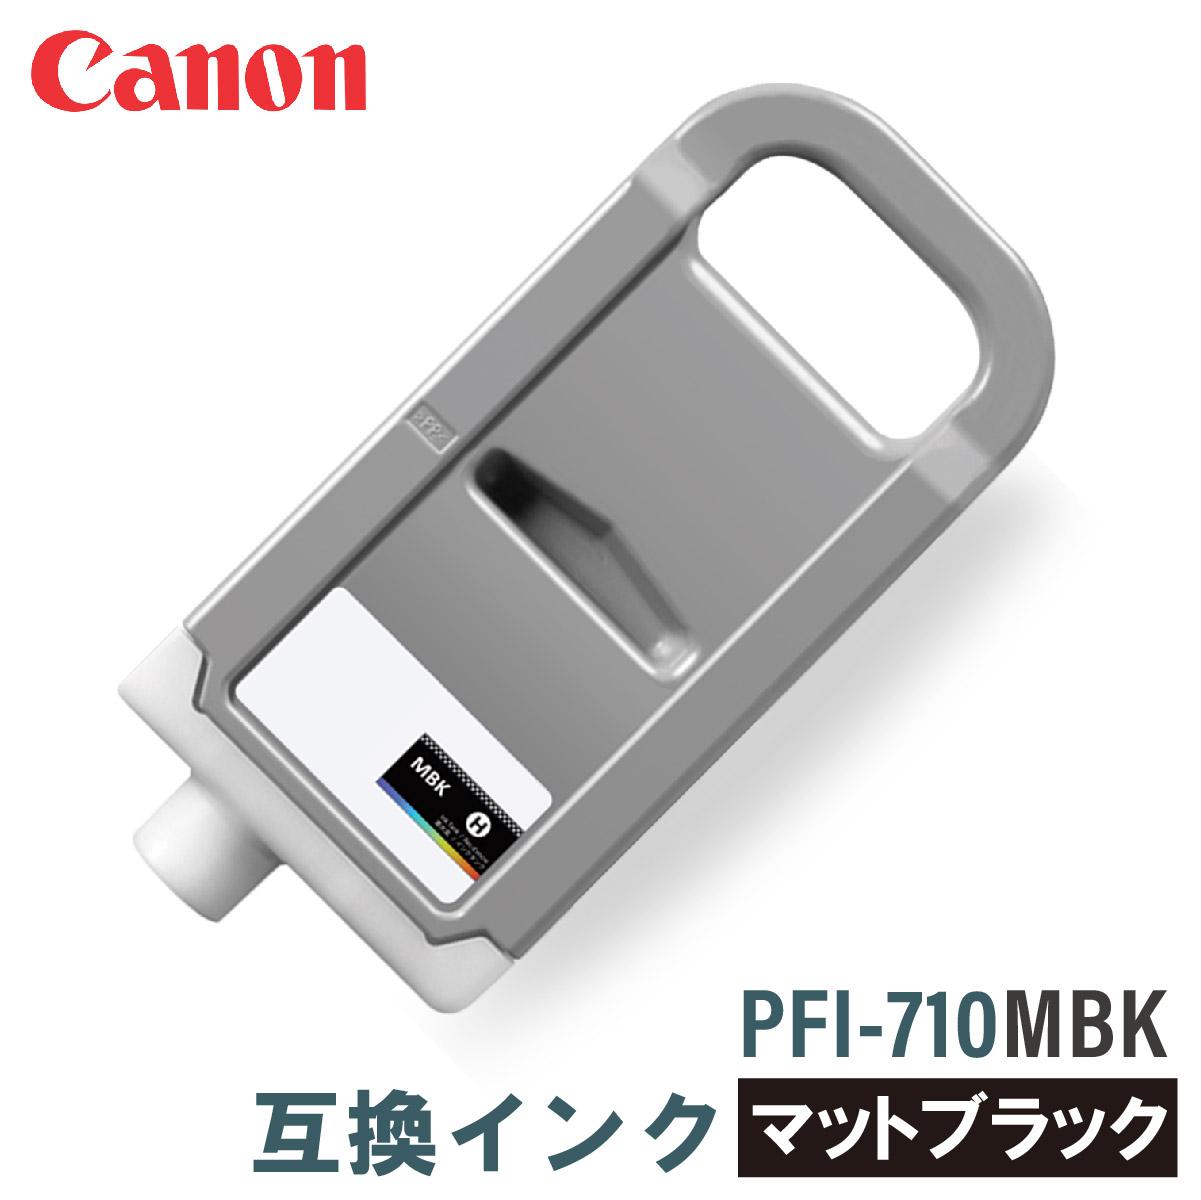 キヤノン 互換インク CANON PFI-710MBK マットブラック 700ml